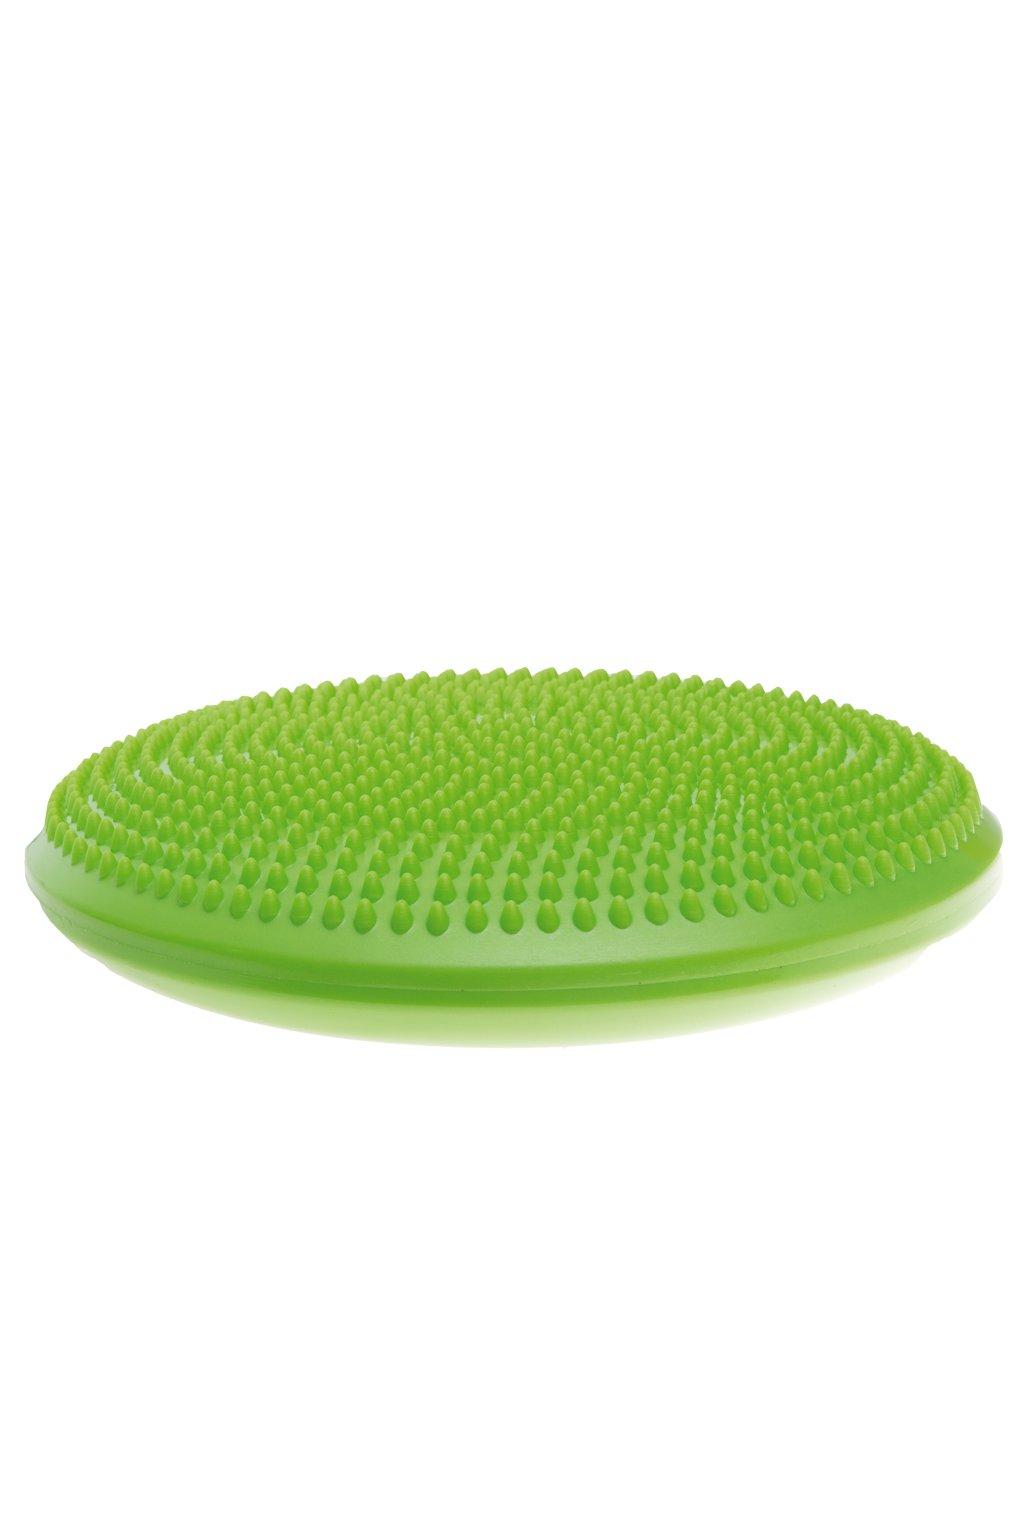 Dysk Pompowany Spokey Fit Seat z masażem zielony 834276